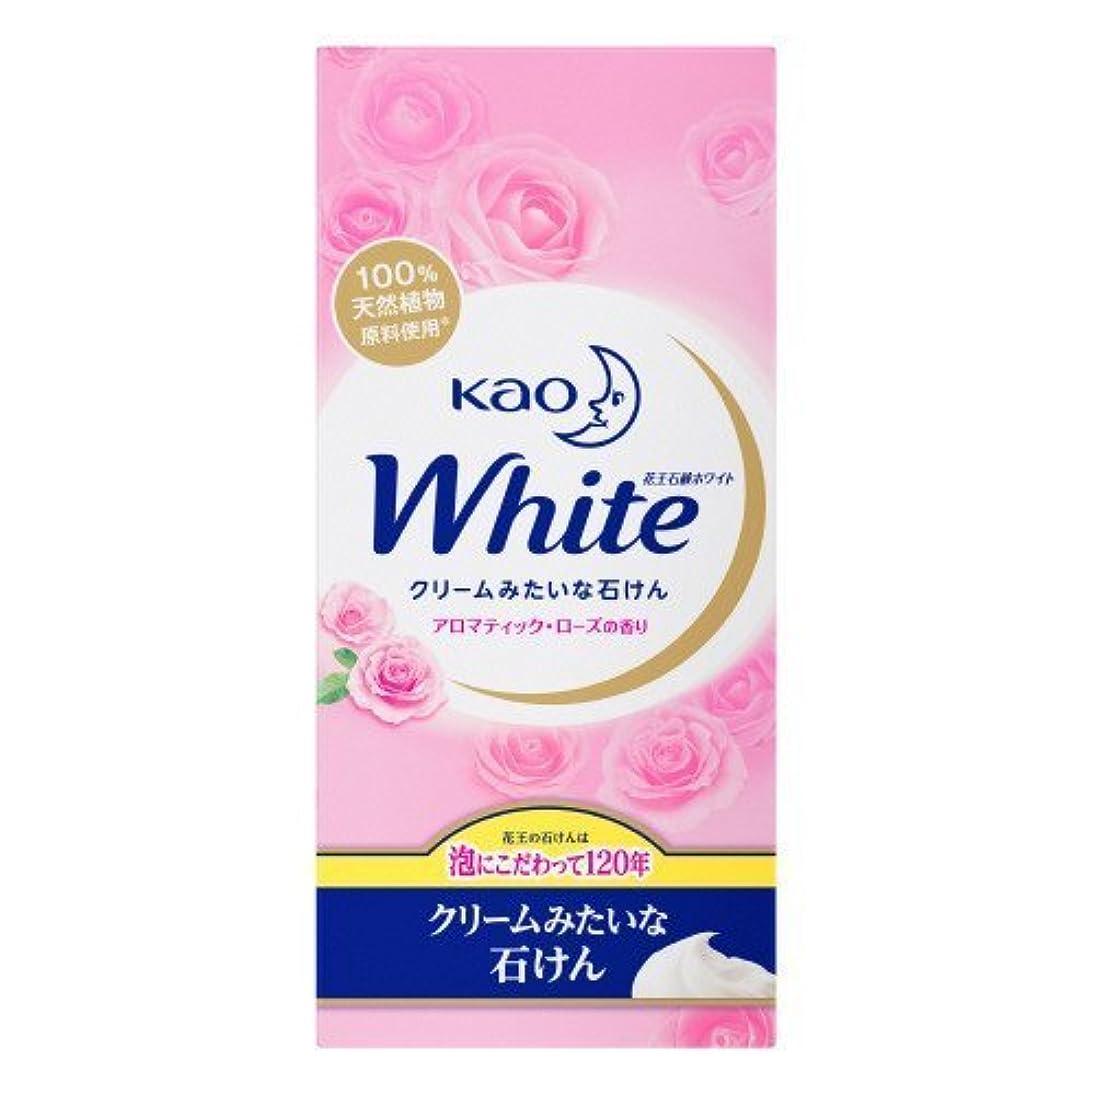 役職ポータル印をつける【花王】花王ホワイト アロマティックローズの香りレギュラーサイズ (85g×6個) ×10個セット